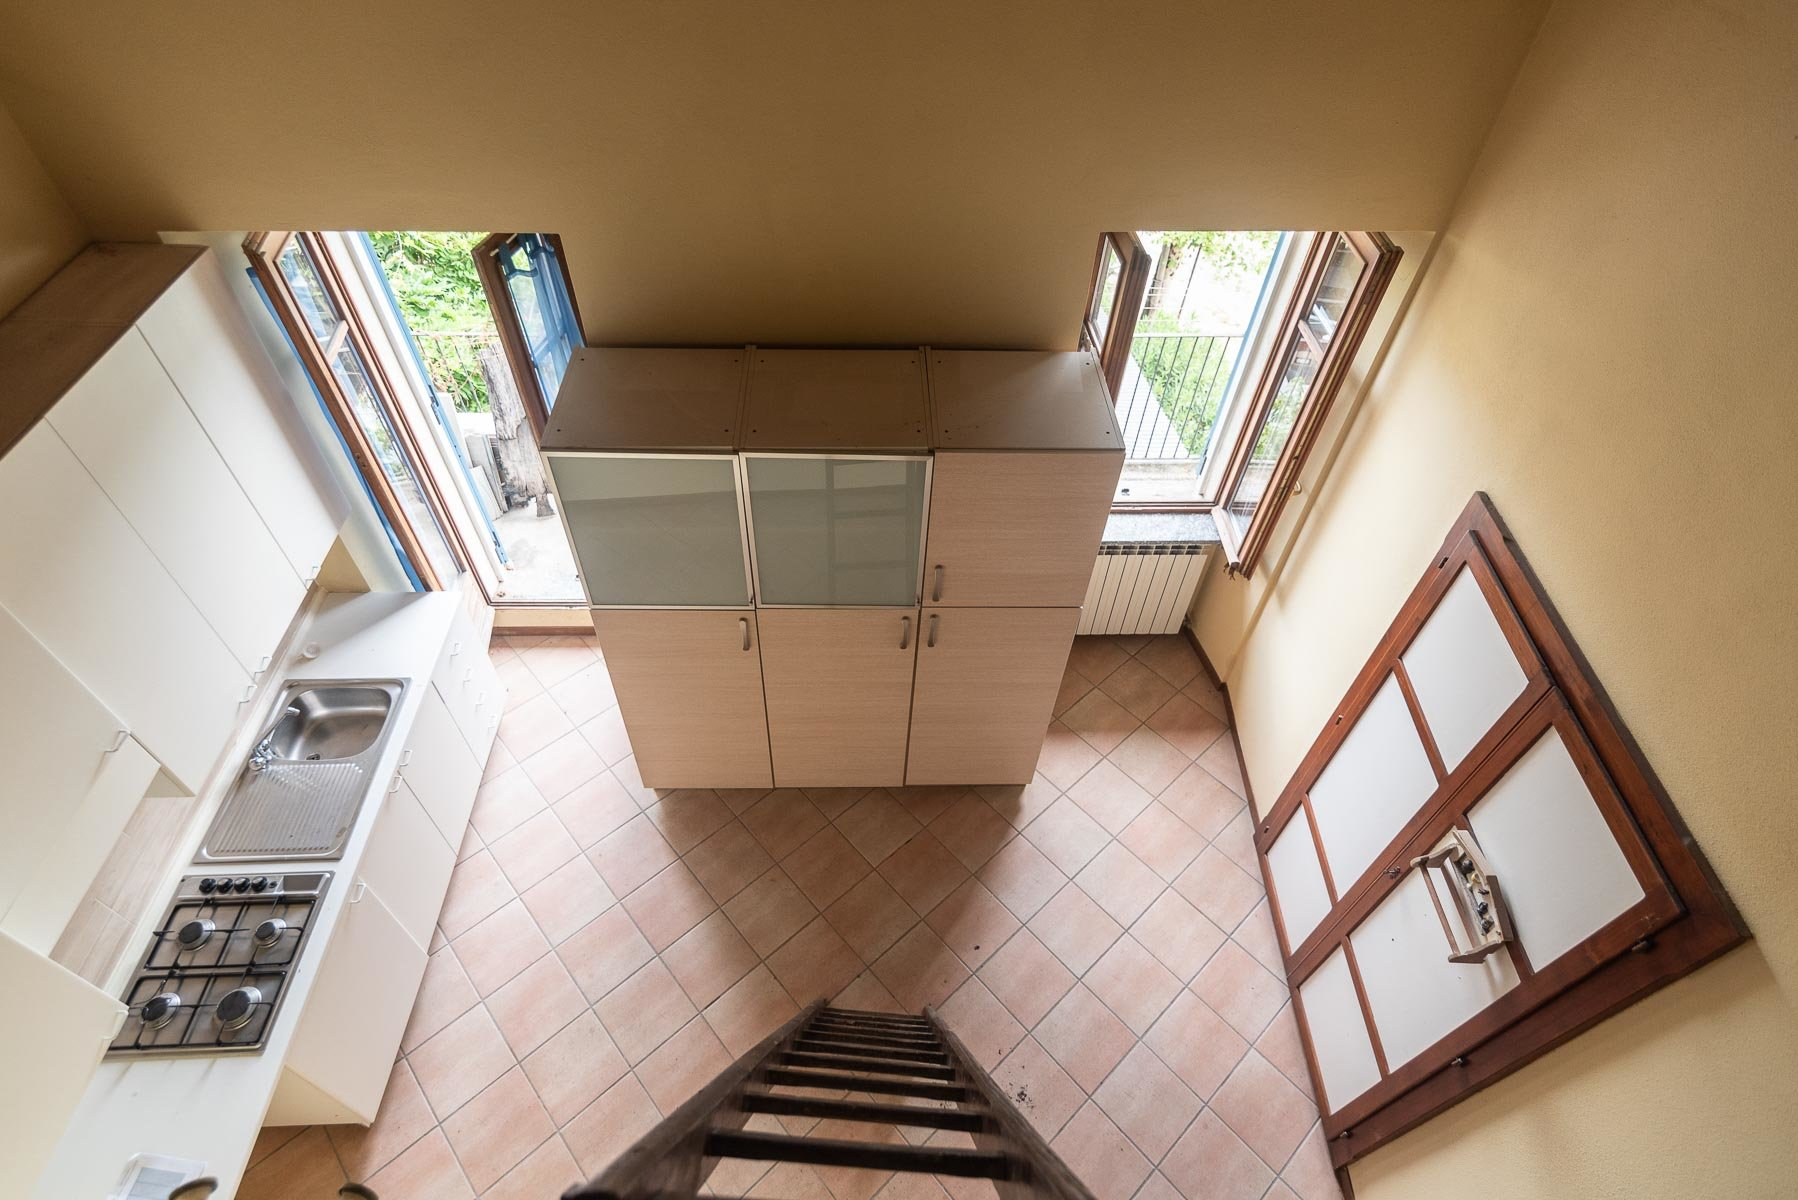 Apartment for sale in Pescatori Island, Stresa - loft